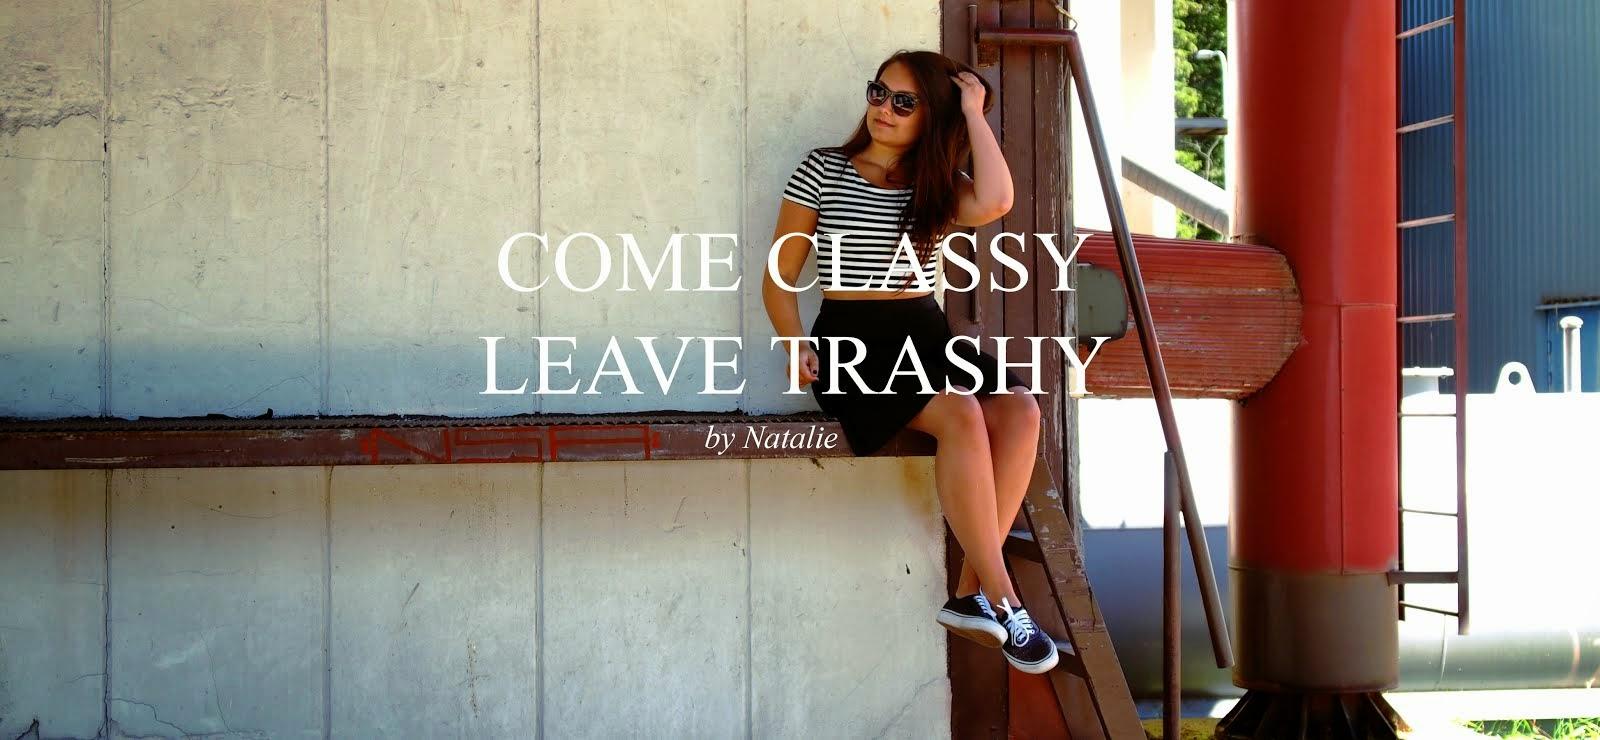 come classy, leave trashy